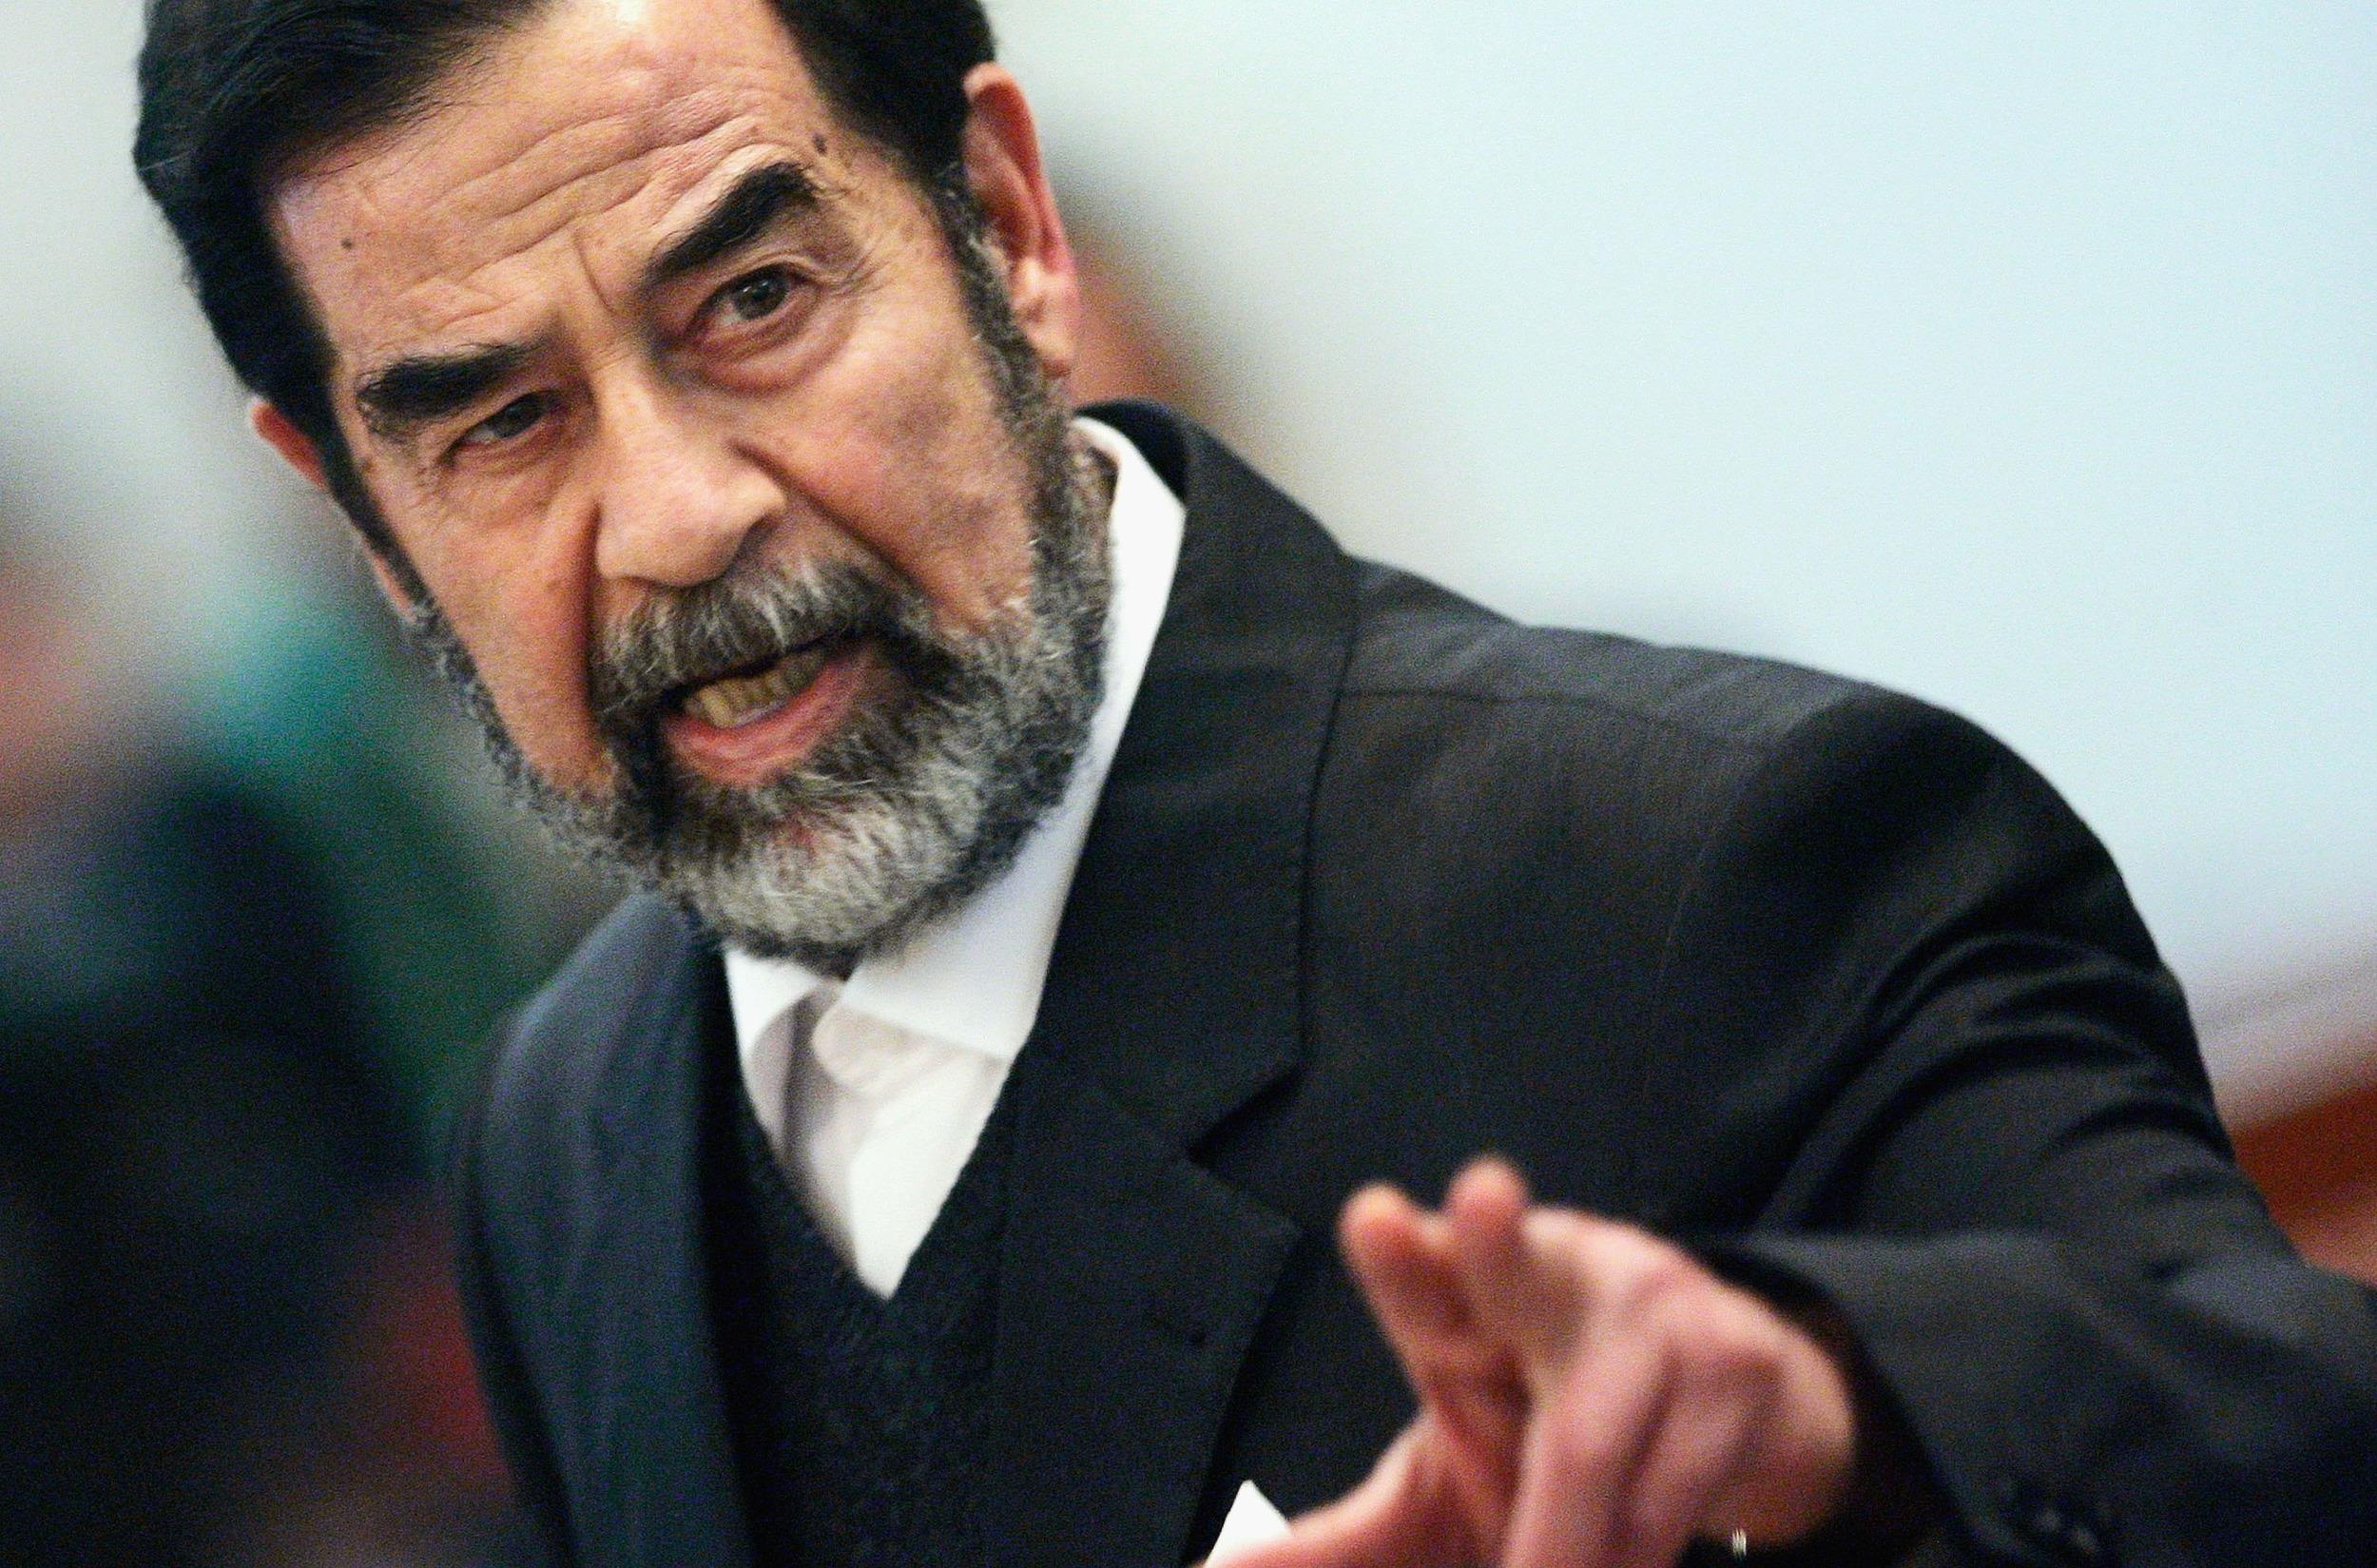 يستمع لمغنية أمريكية ويحكي عن أسطول نجله عُدي.. شهادات من زنزانة صدام حسين